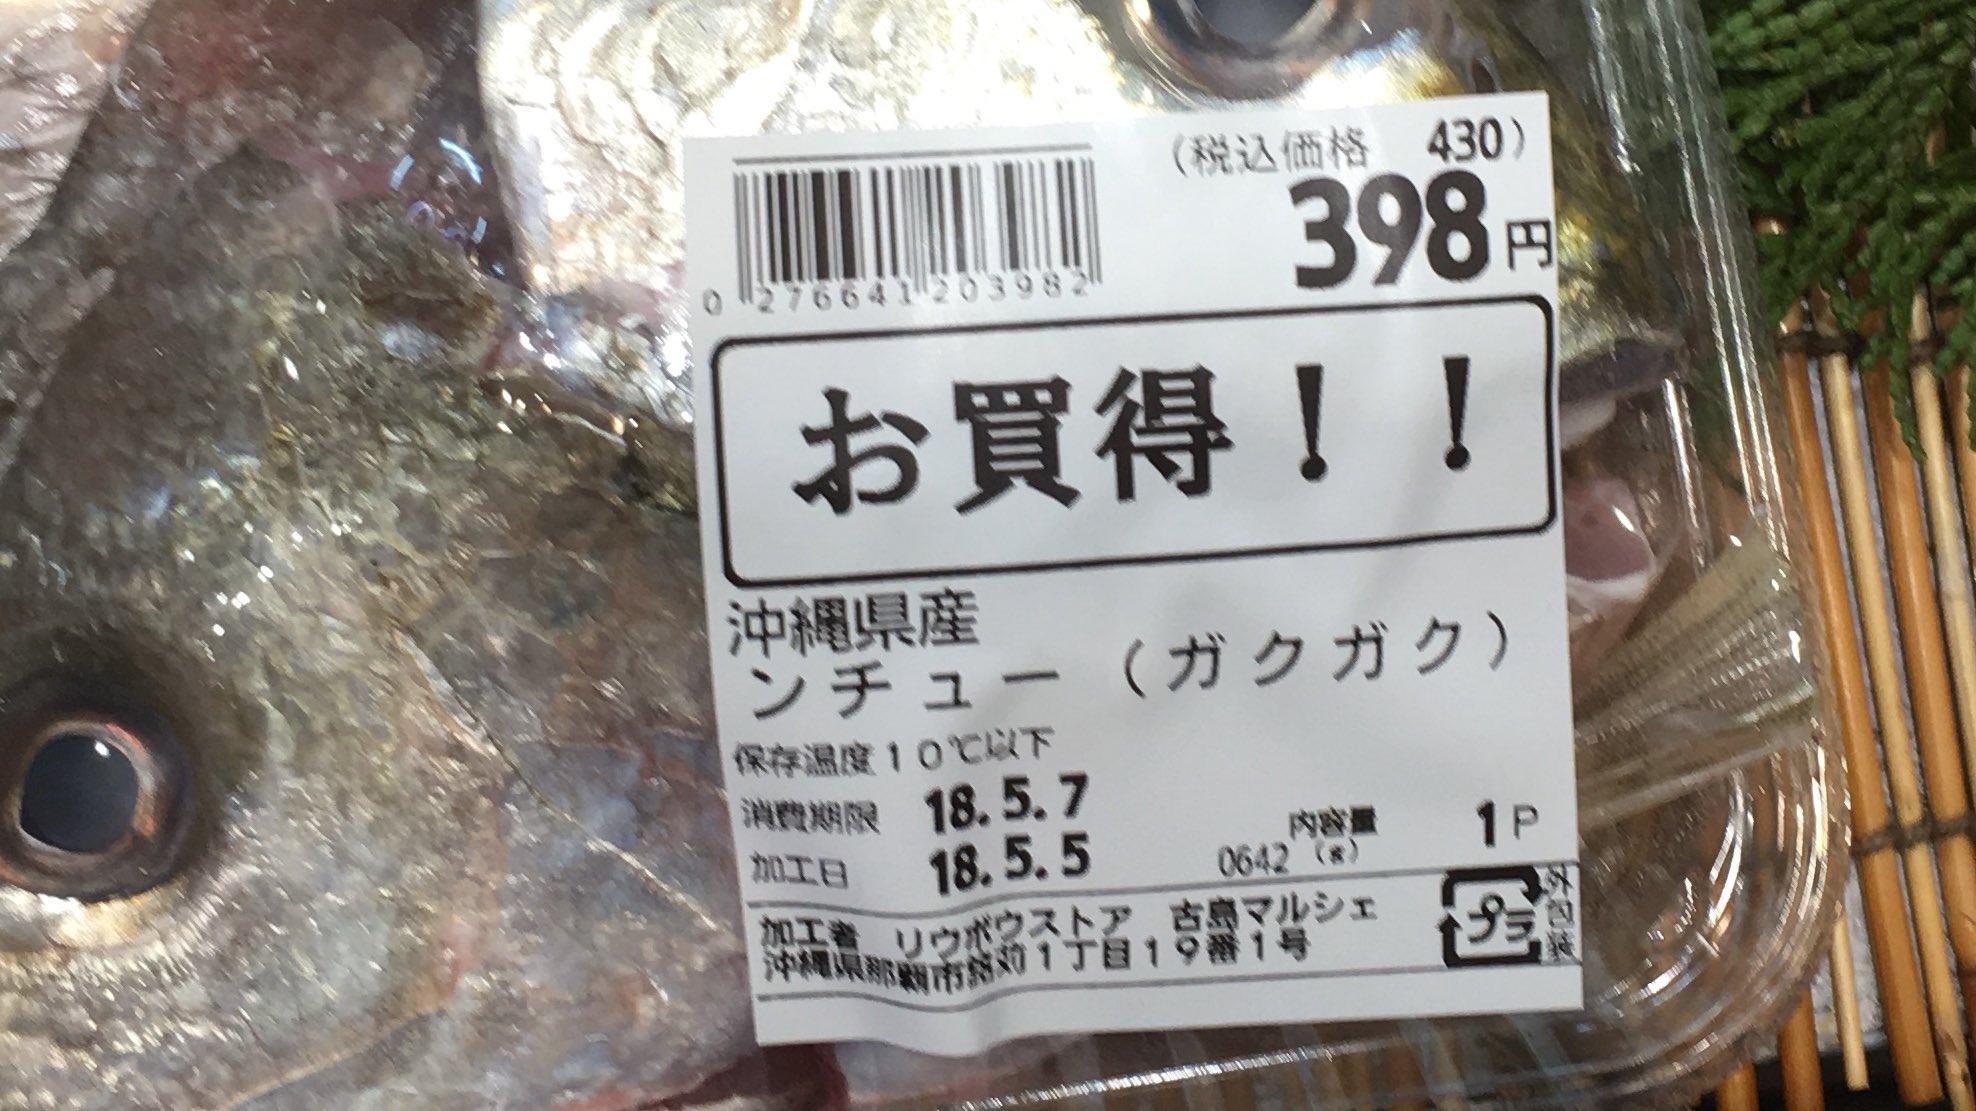 【画像】沖縄スーパー「沖縄名じゃ分からんし、通称も書いたろ」